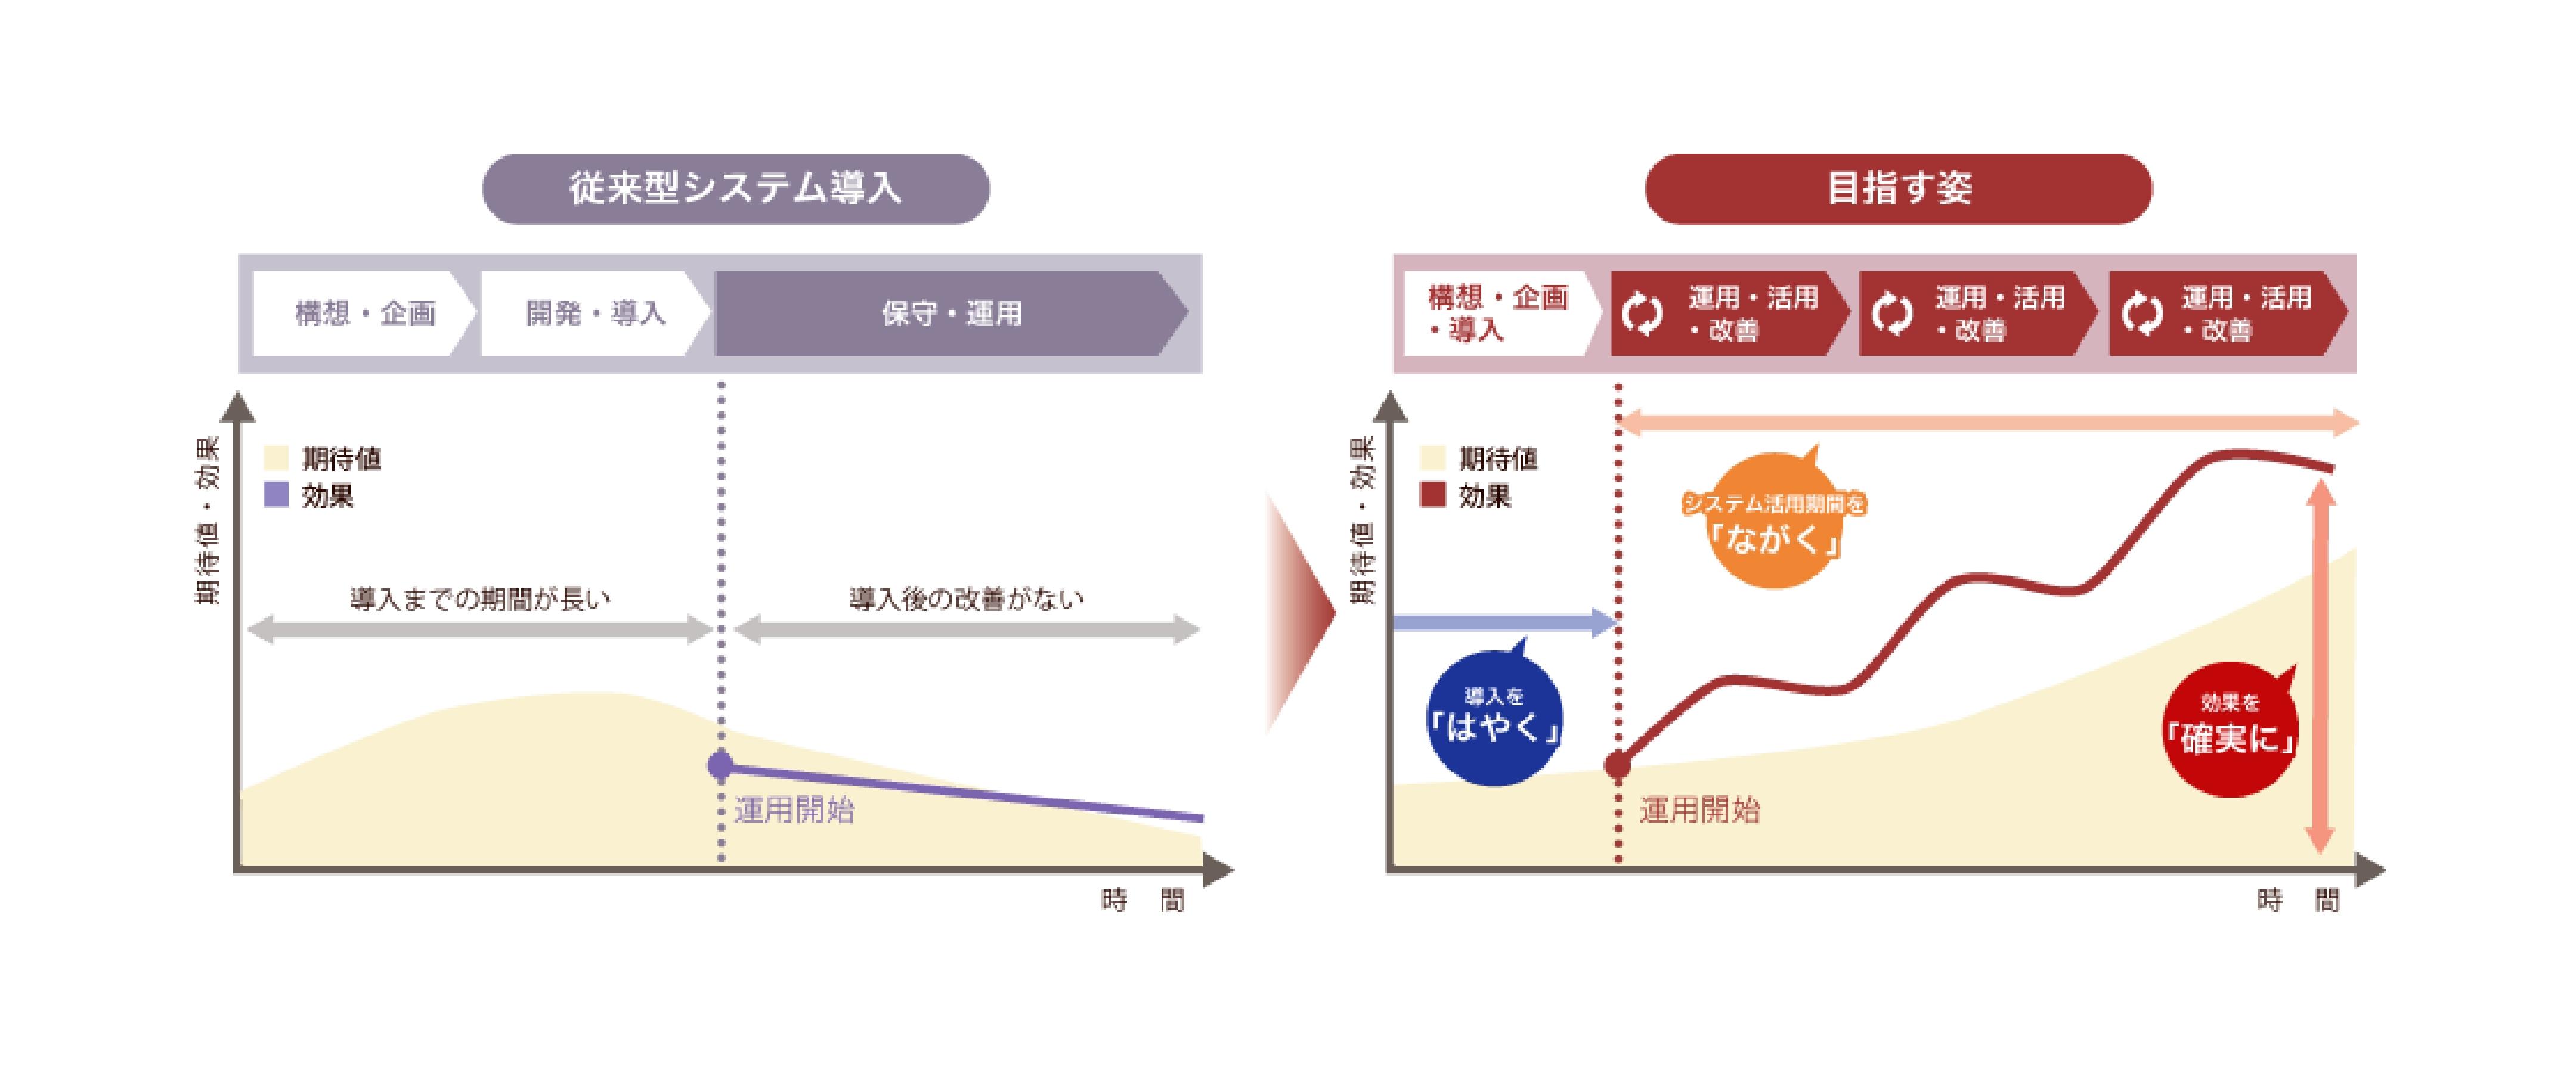 従来型システム導入と目指す姿の比較画像